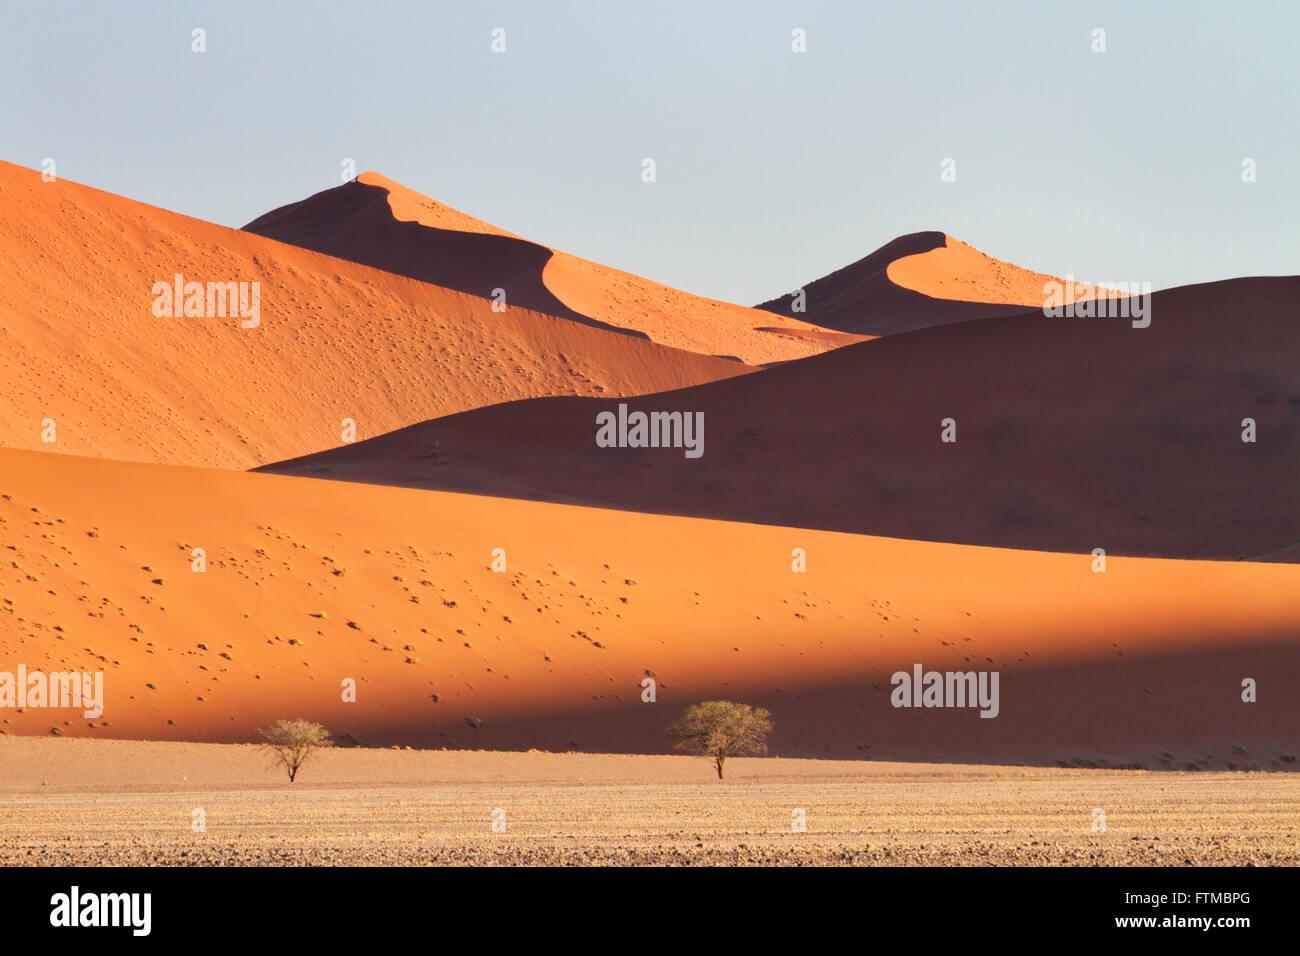 Montuoso dune di sabbia e camelthorn alberi di acacia nel deserto del Namib in Namib-Naukluft Parco Nazionale della Immagini Stock